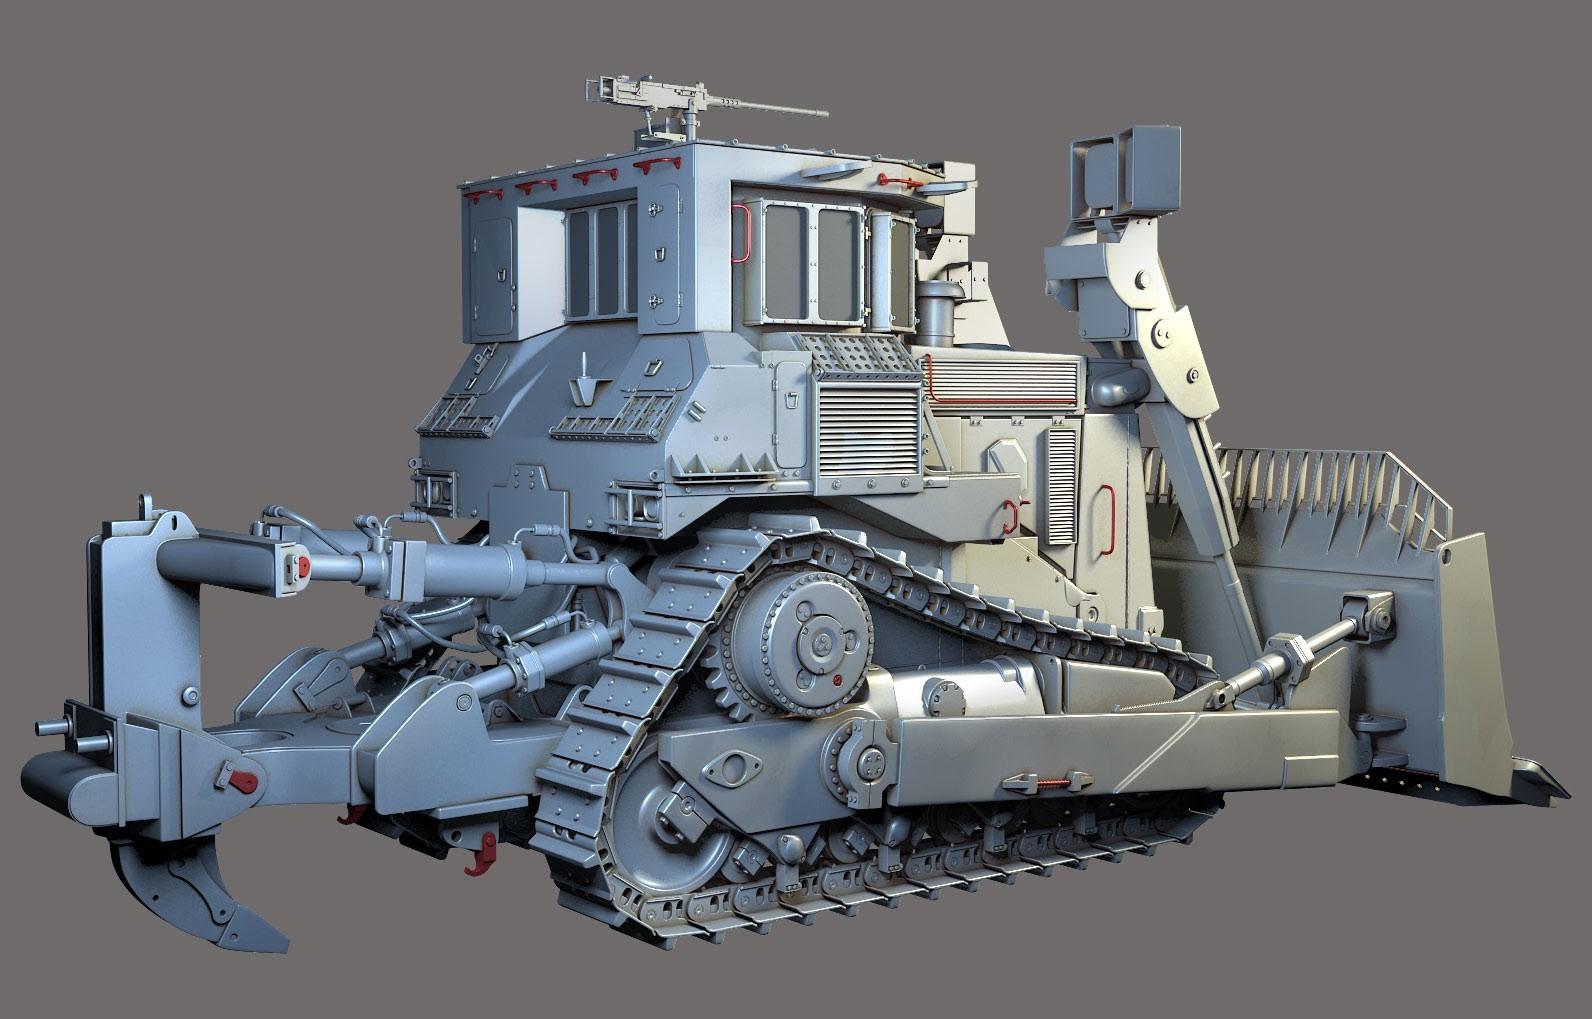 Render of complete hi-poly model